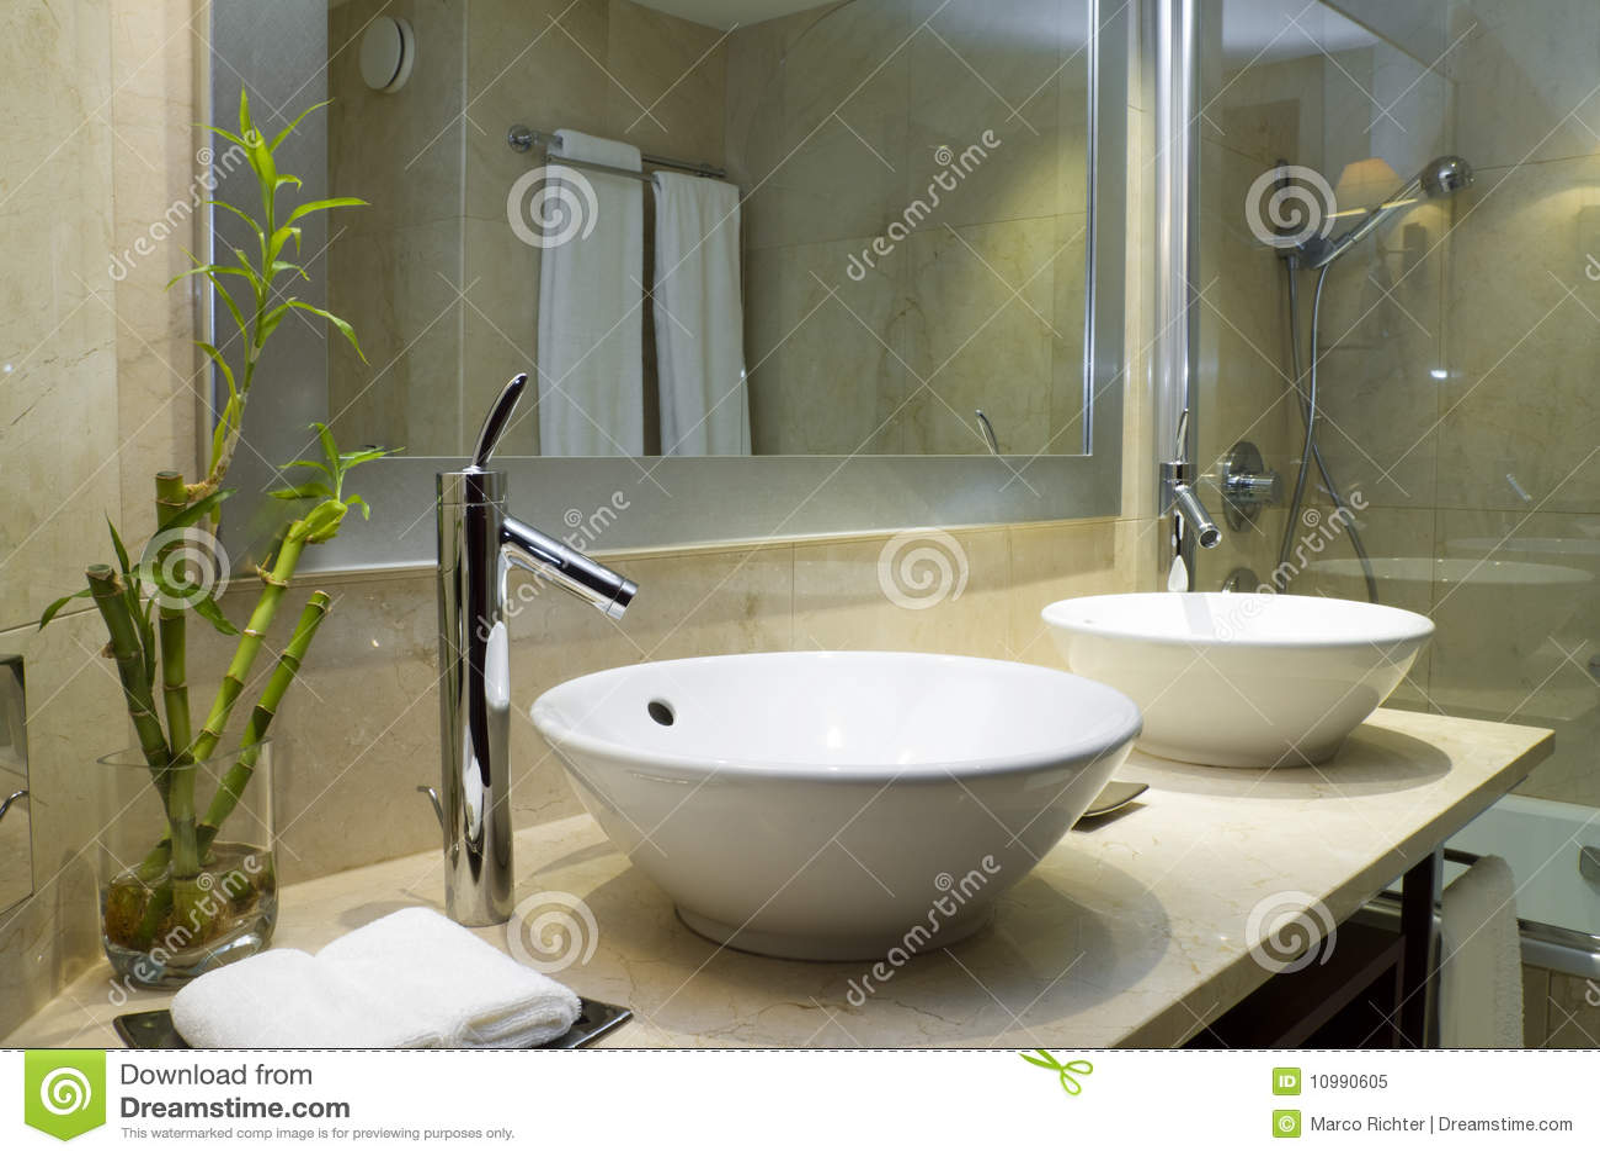 Diseño de un cuarto de baño